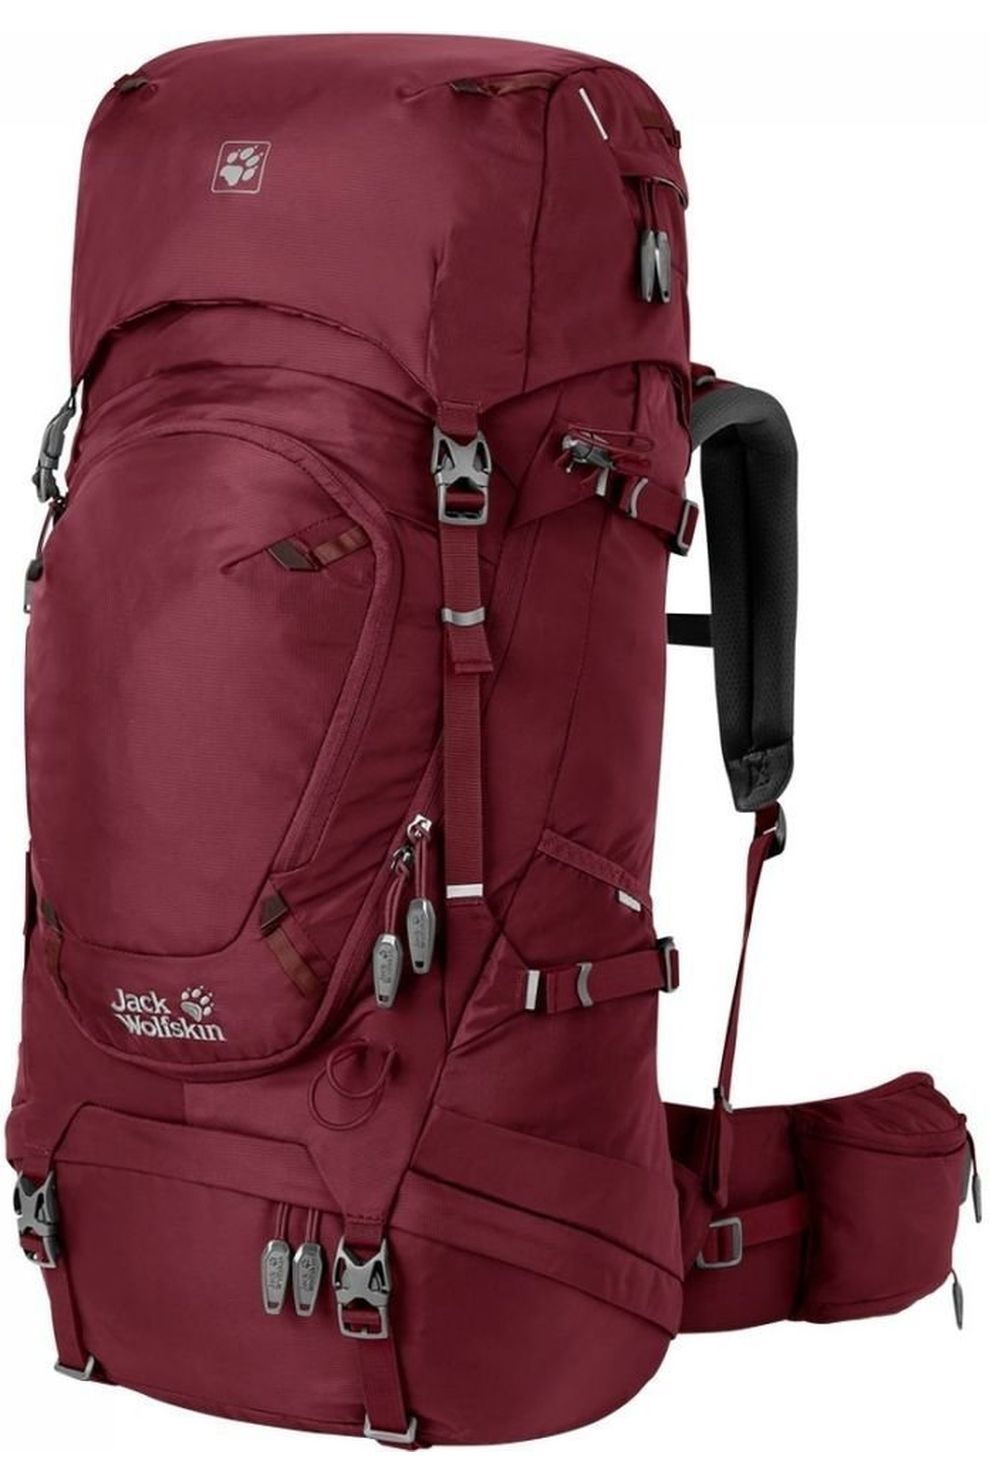 Jack Wolfskin Rugzak Highland Trail 55 voor dames Blauw-Kastanjebruin